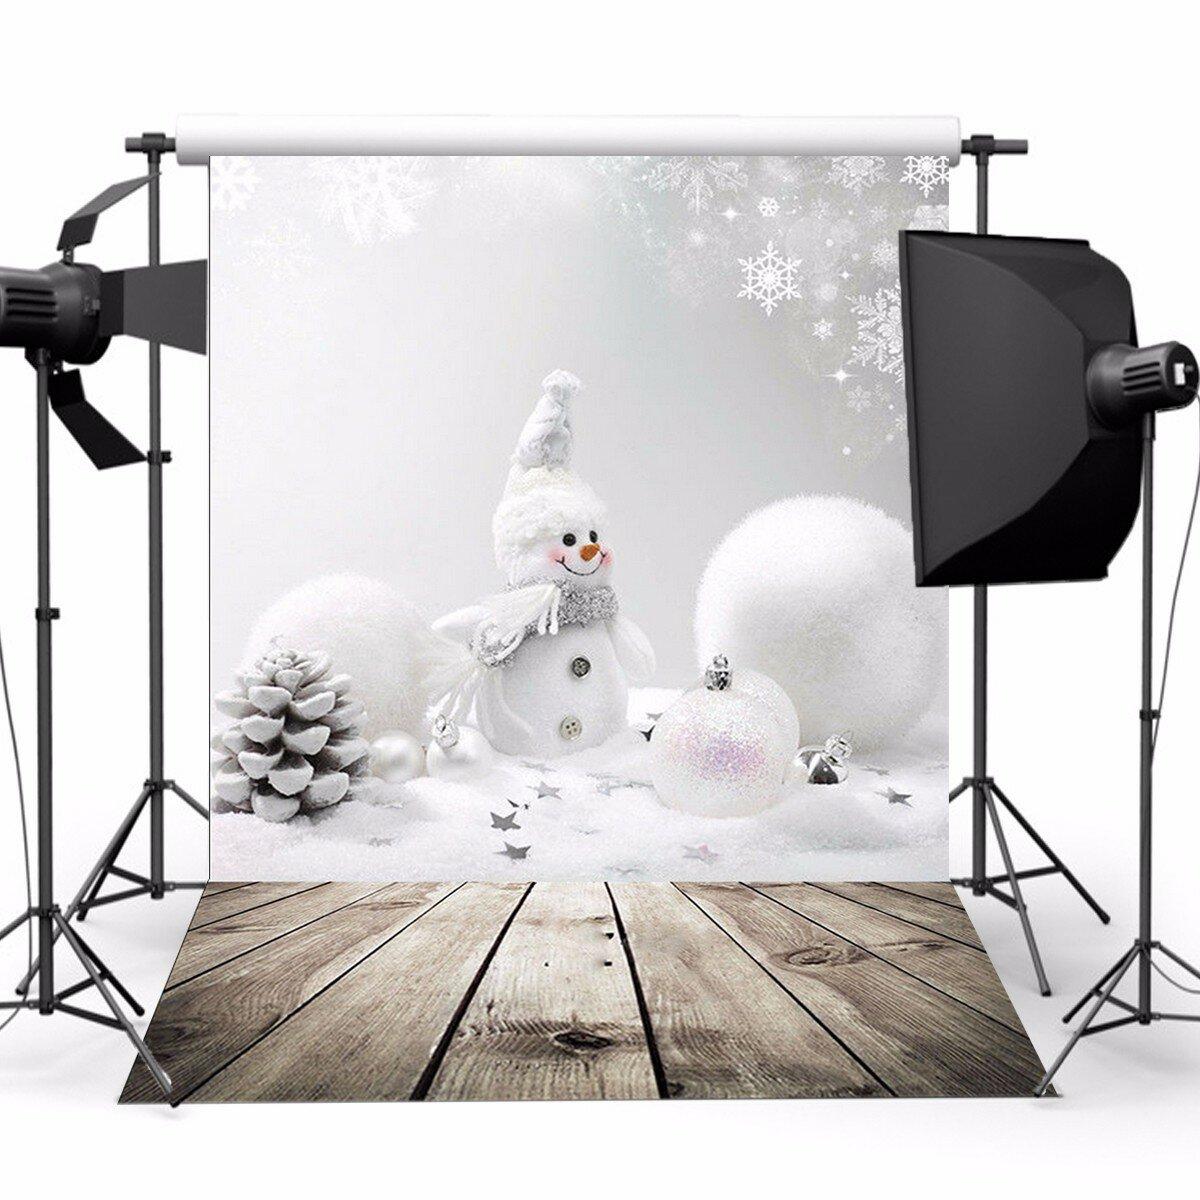 3x5ftクリスマステーマクリスマス雪だるま木製の写真ビニールの背景